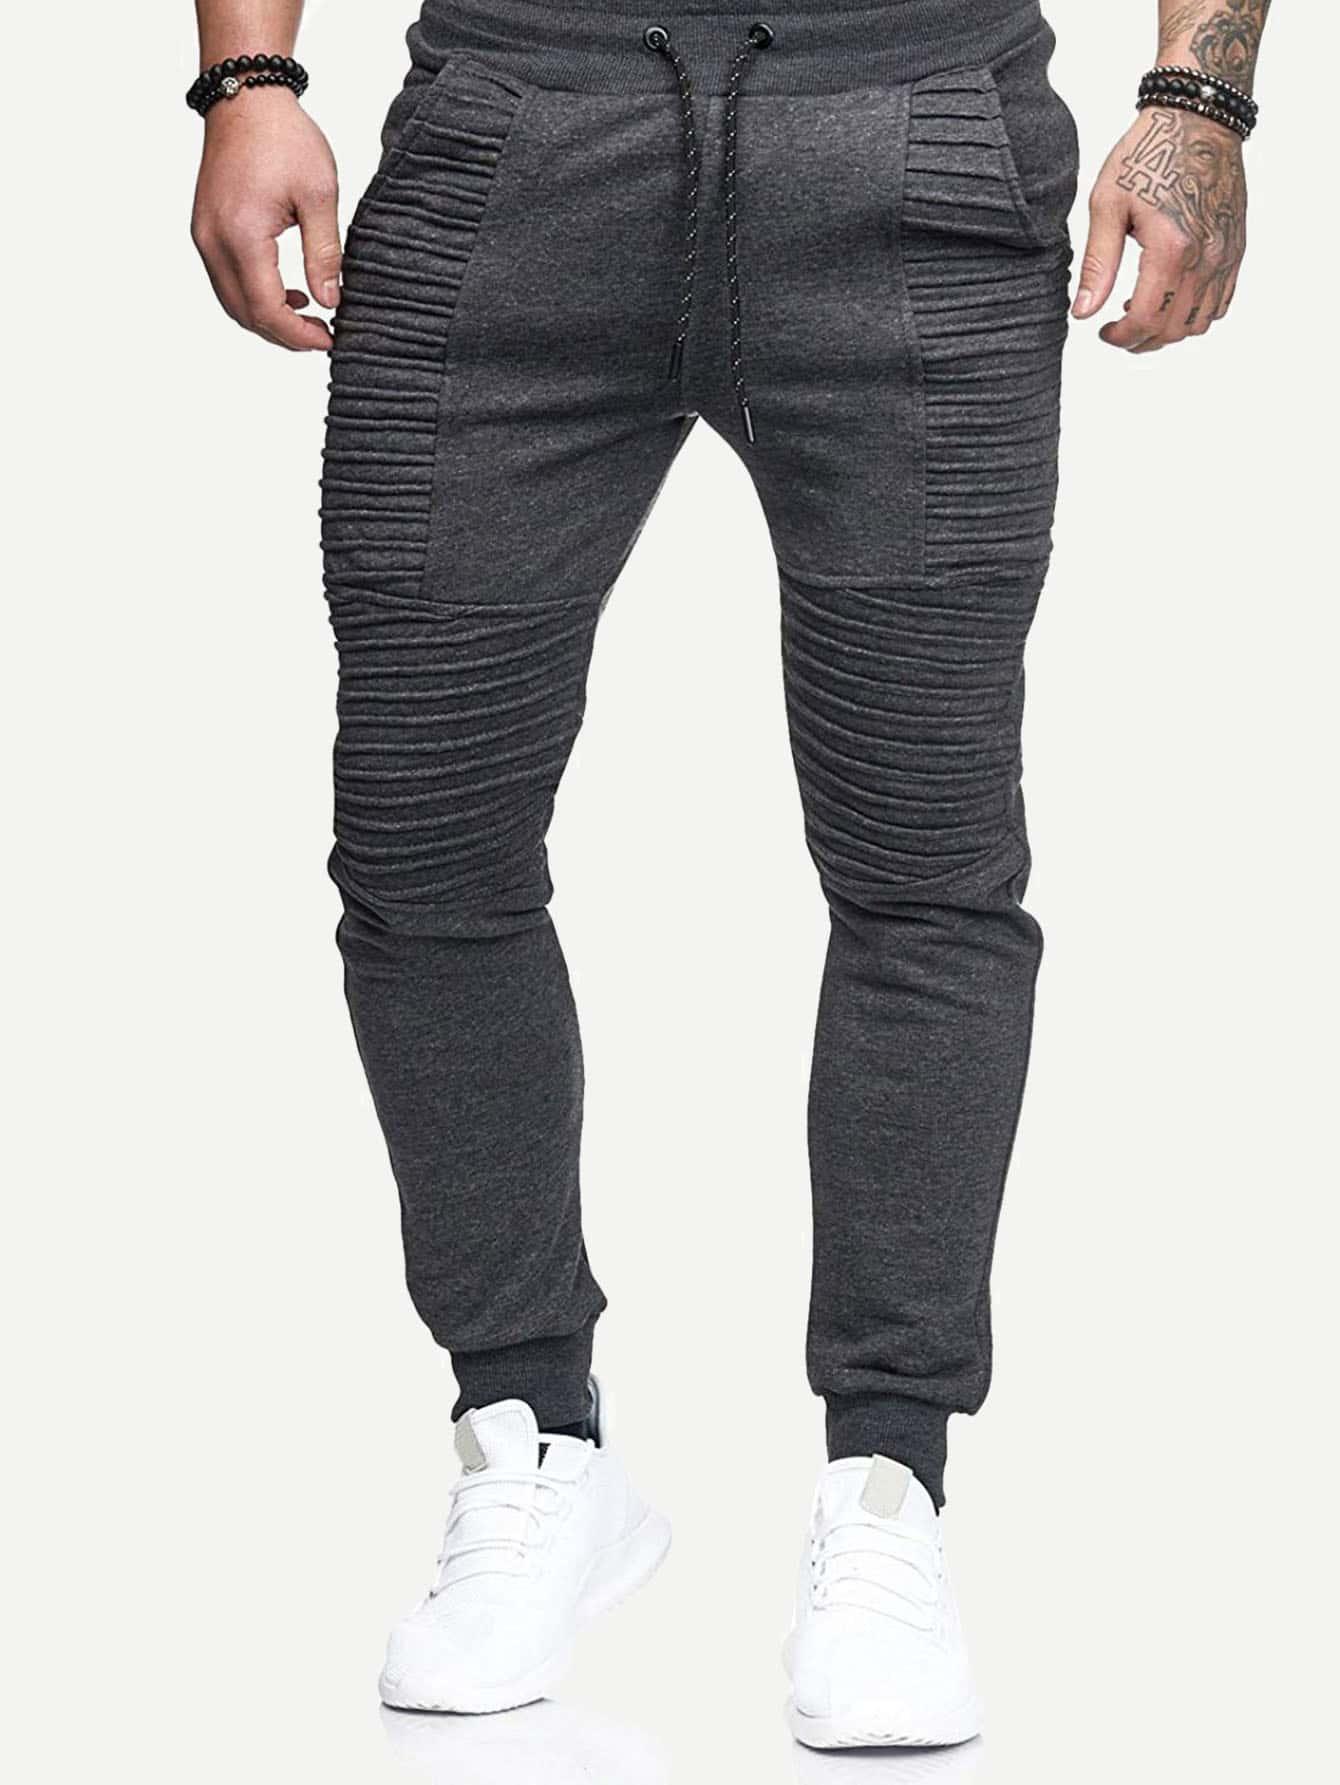 Men Pleated Plain Drawstring Pants